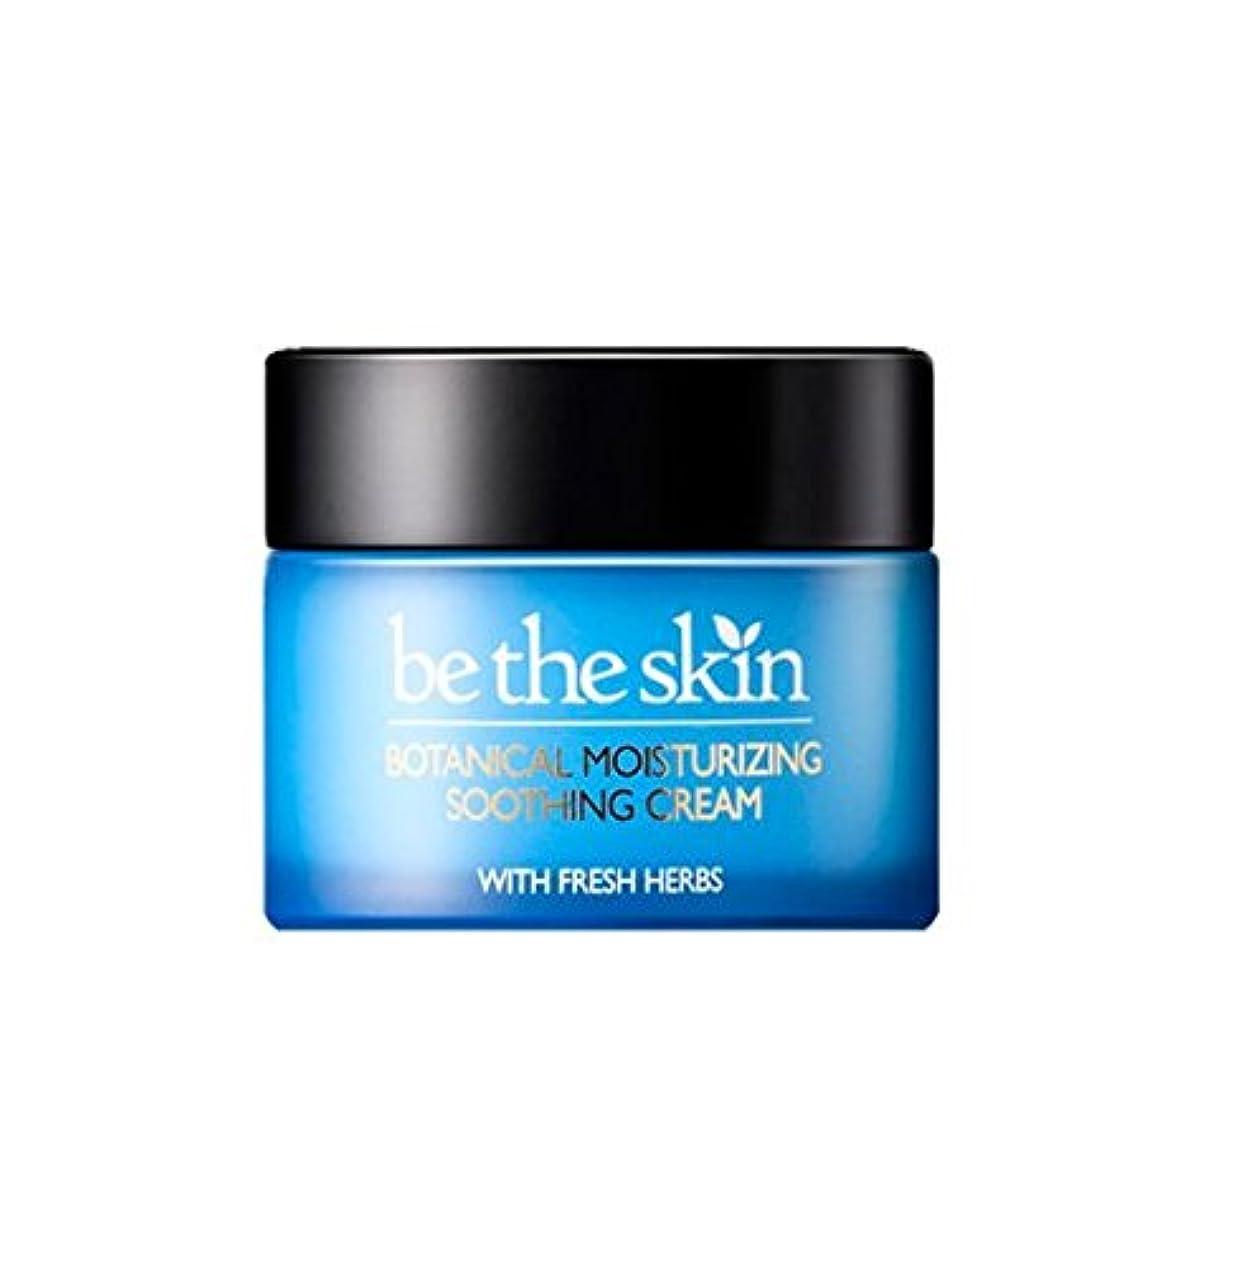 入り口知る広範囲にBe the Skin ボタニカル モイスチャライジング スージングクリーム / Botanical Moisturizing Soothing Cream (50ml) [並行輸入品]